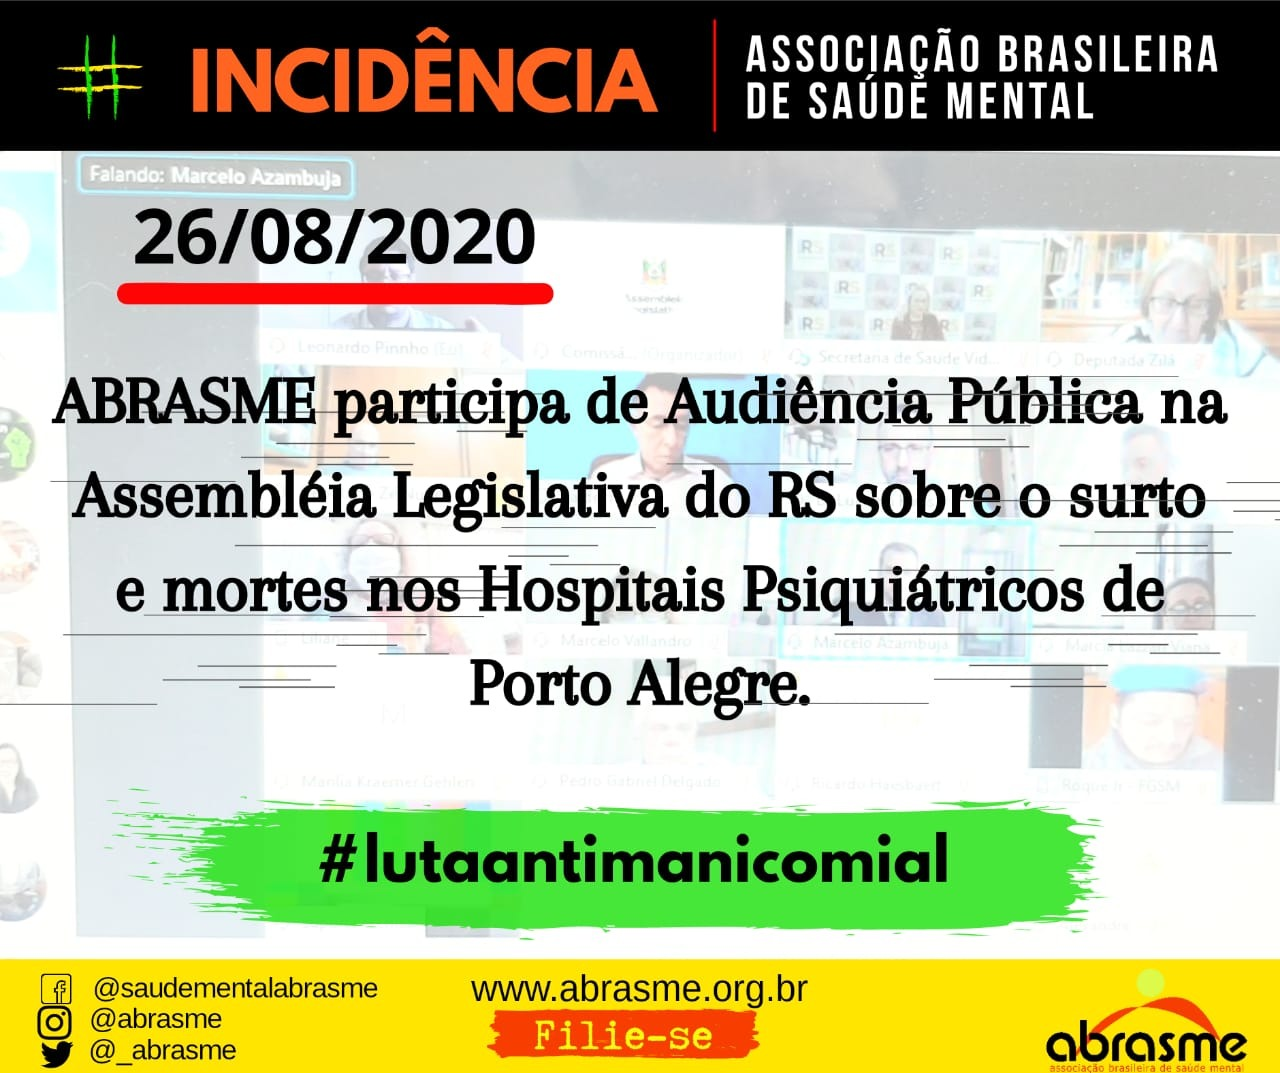 ABRASME participou de Audiência Pública sobre mortes nos Hospitais Psiquiátricos no RS